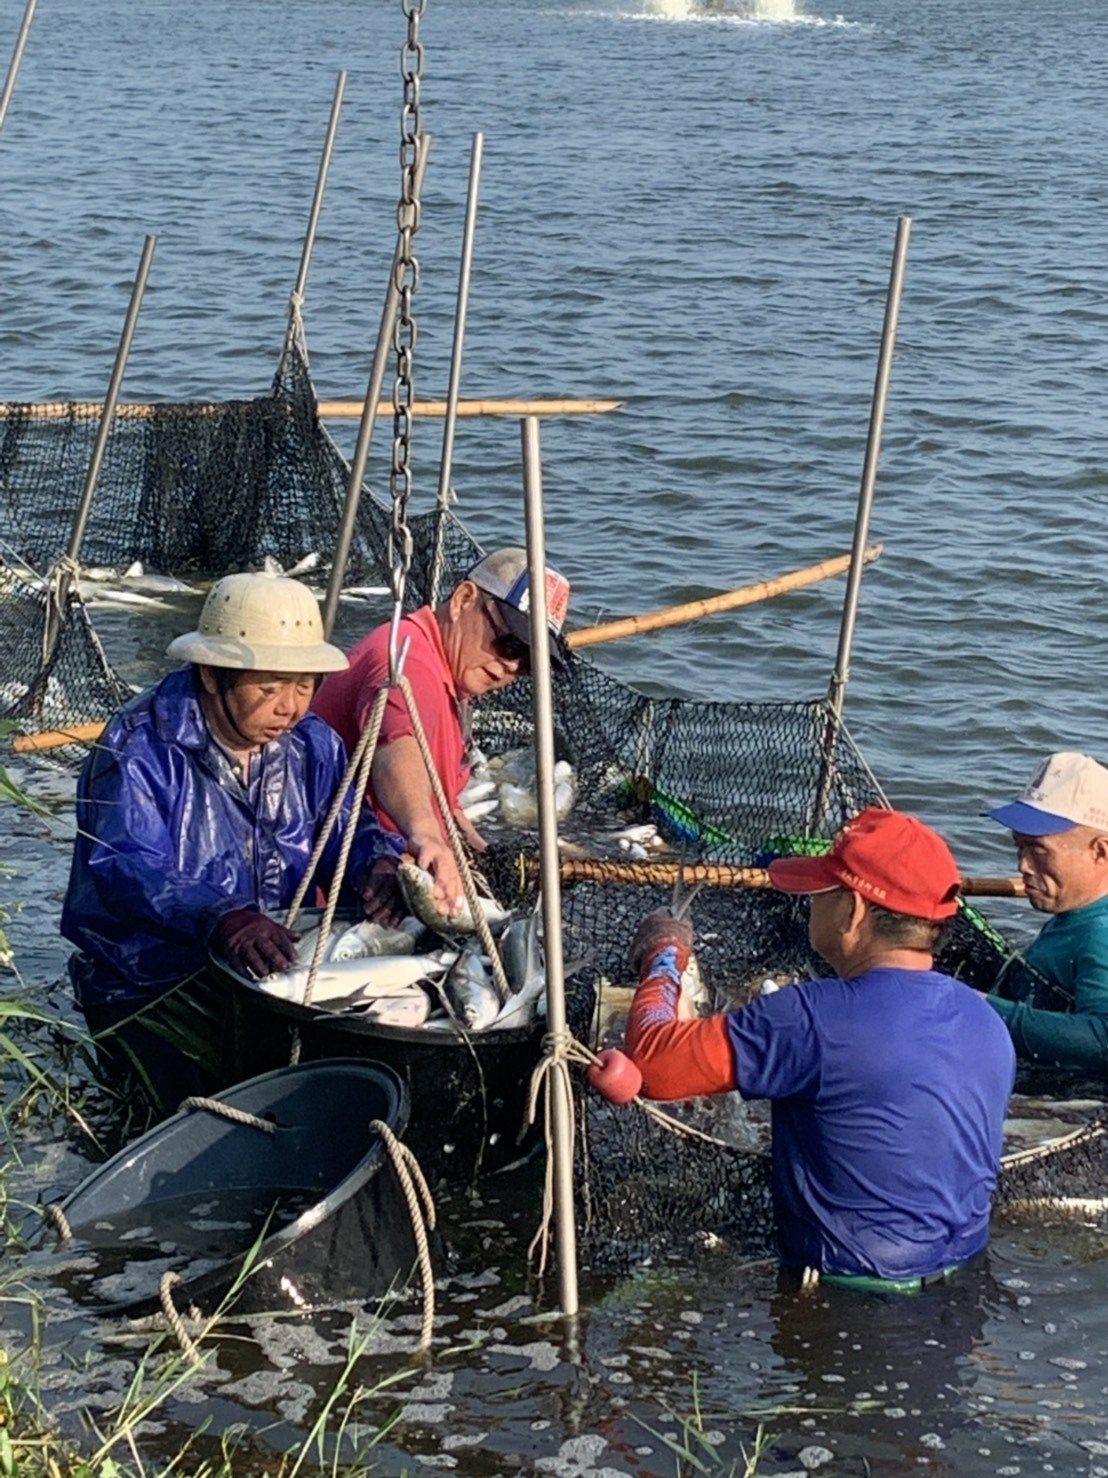 嘉義縣布袋鎮養殖漁民忙著捕撈虱目魚。圖/蔡鳳祺提供